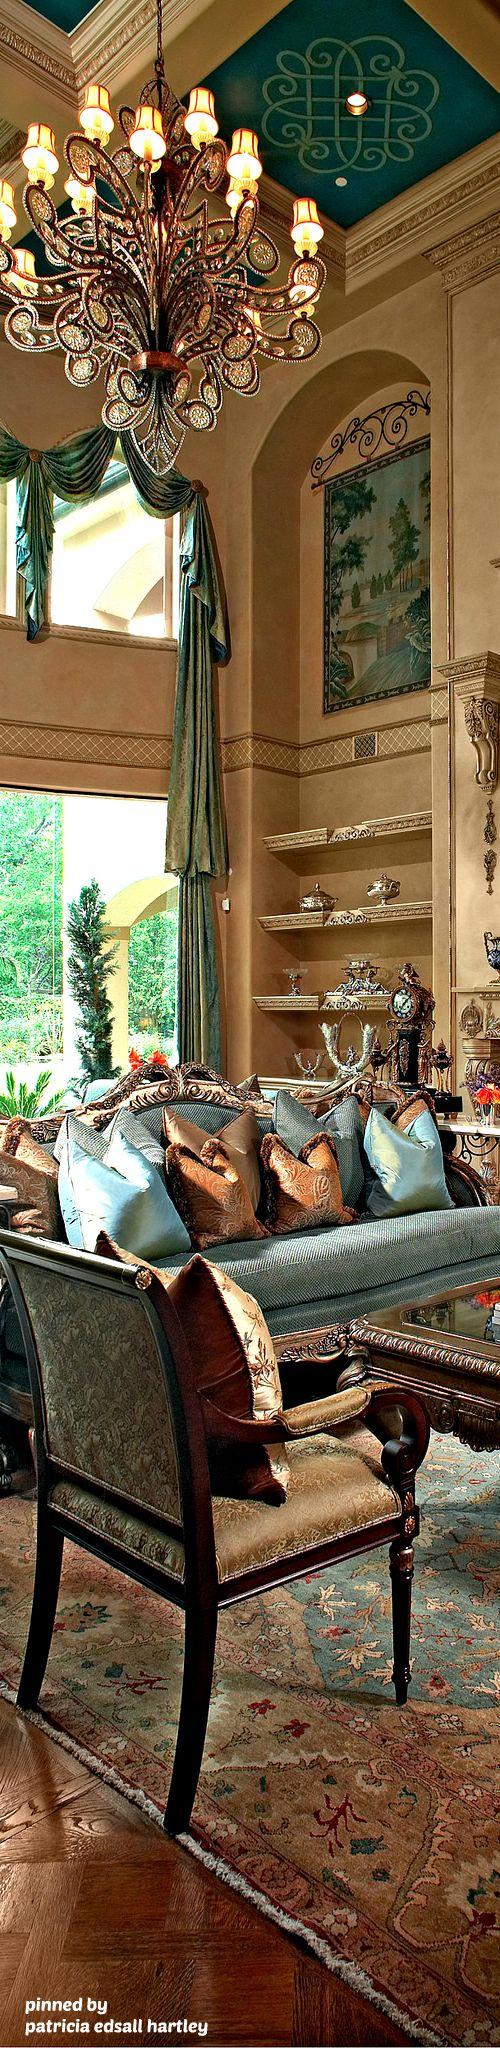 Mediterranean Decor best 25+ mediterranean decorative accents ideas on pinterest